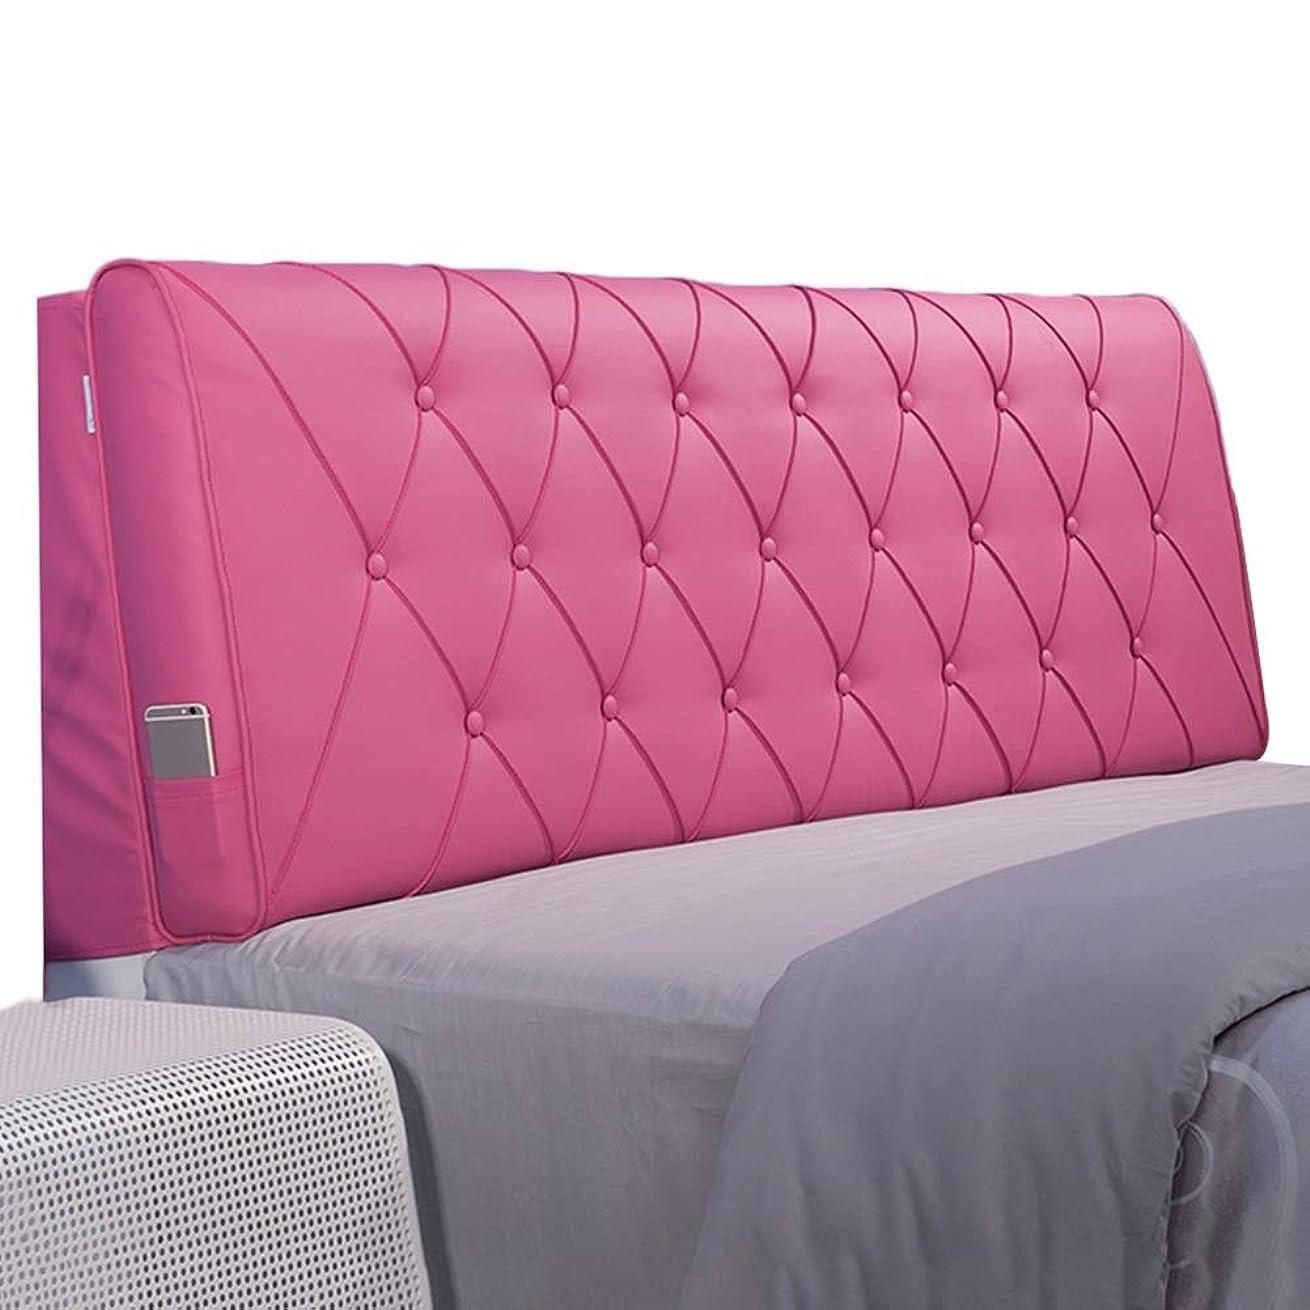 彼女自身テレビを見るセンブランスWZBヘッドボードクッションシンプルスポンジアンチコリジョンピローアンチステイン防水読みやすい、4色、5サイズ(色:ピンク、サイズ:190x60x11cm)